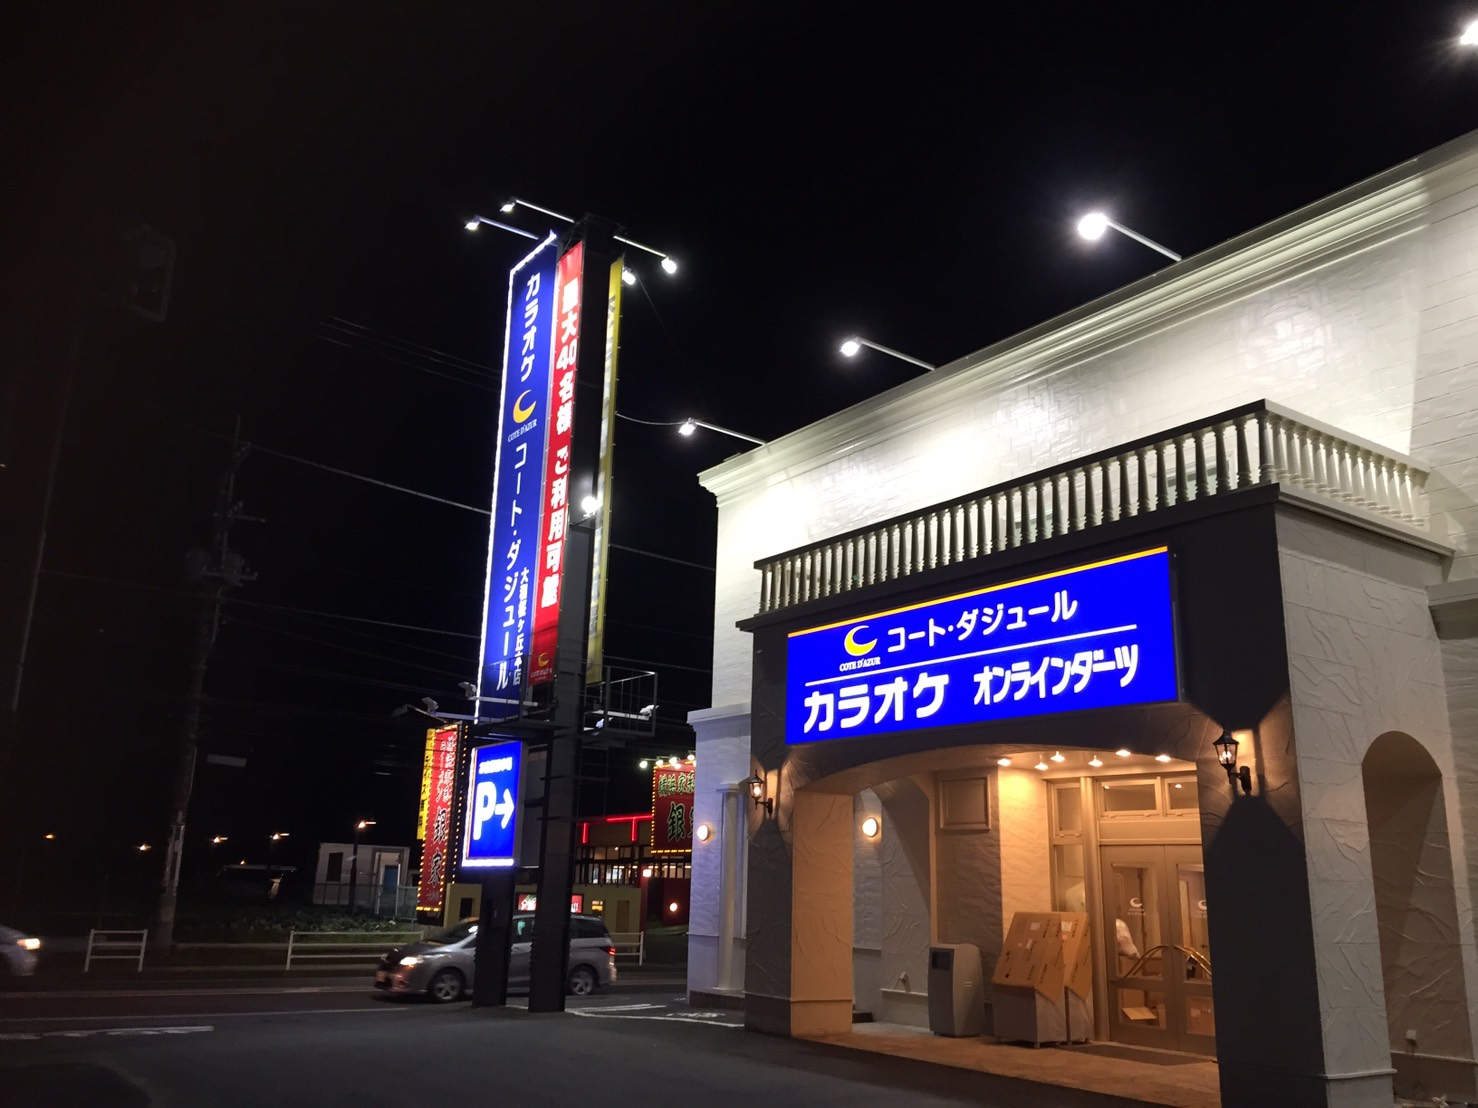 コートダジュール 大和桜ヶ丘本店様